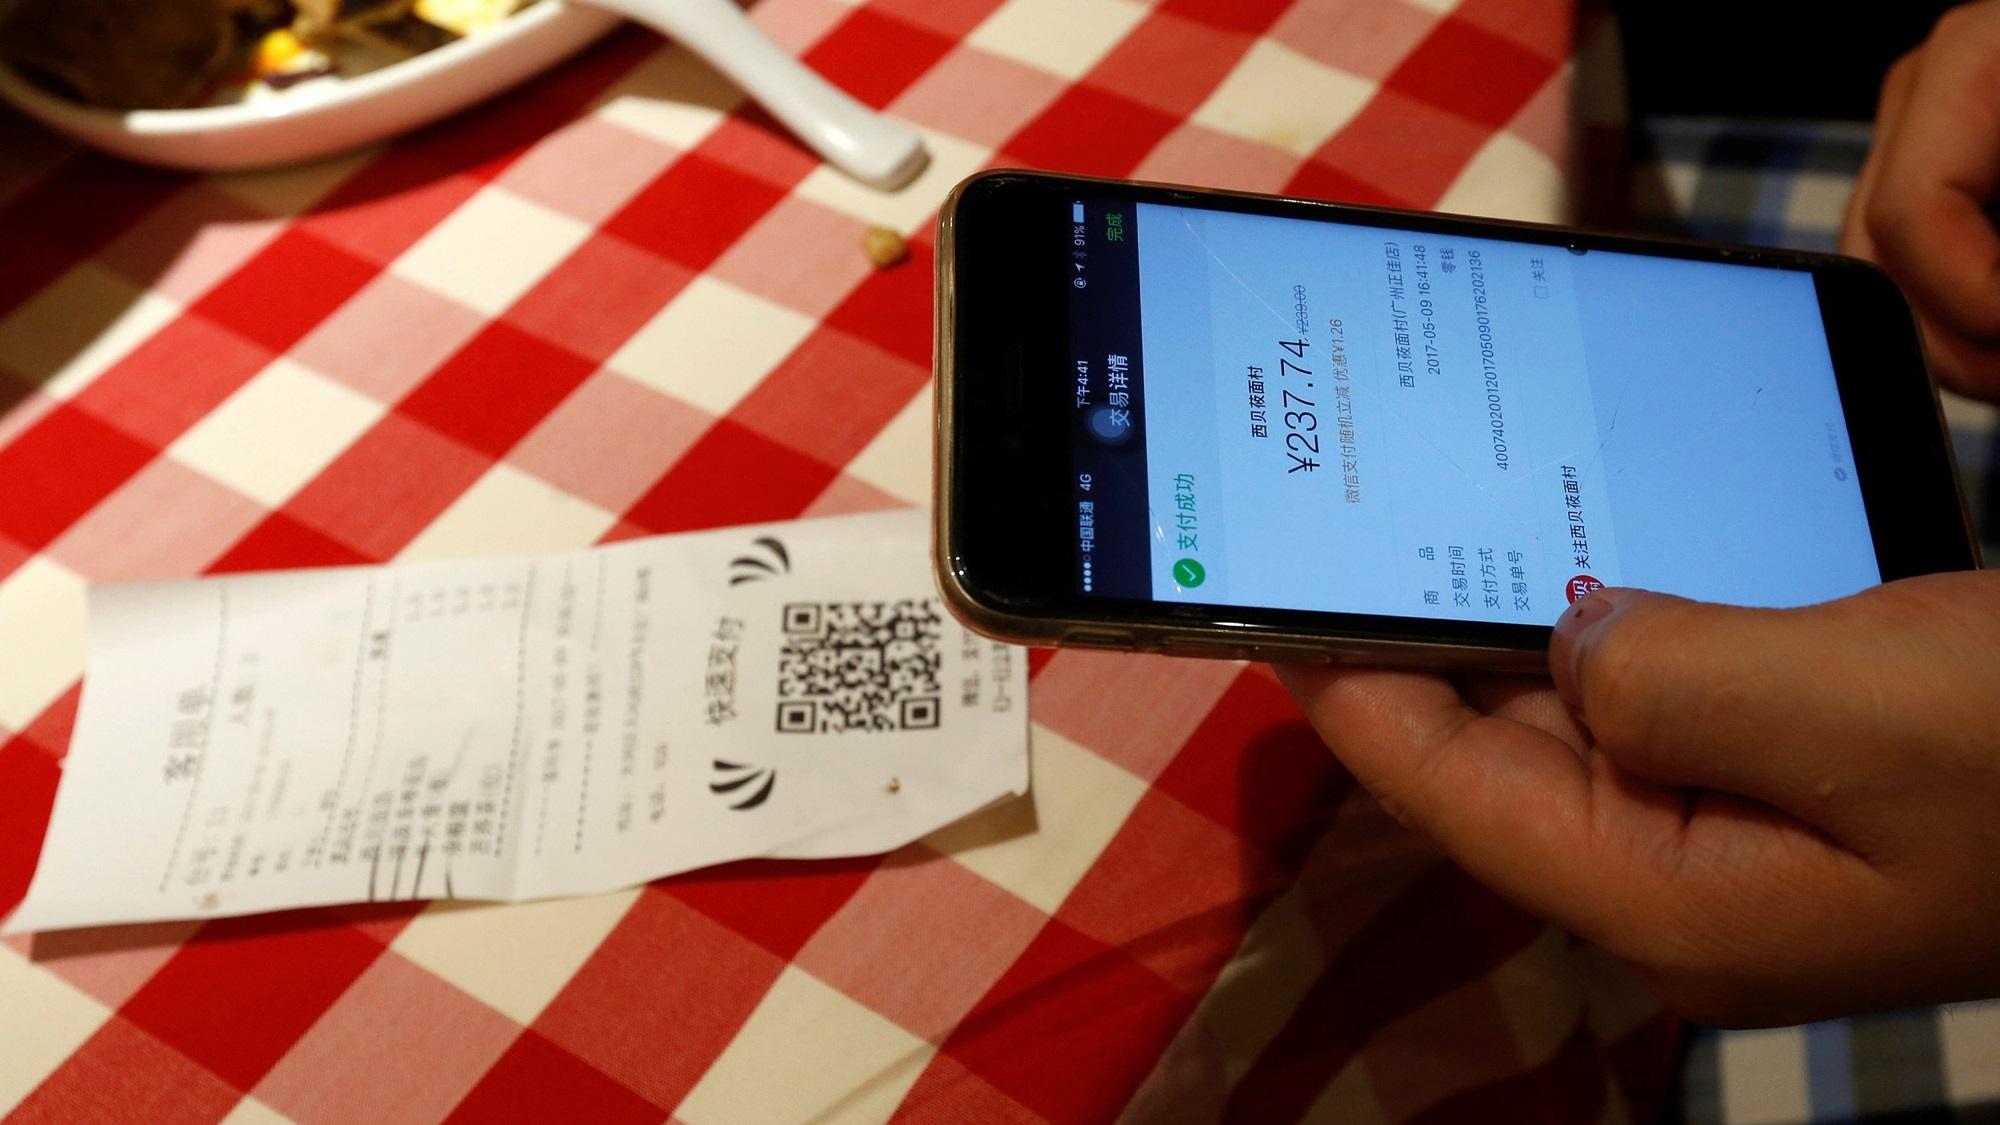 Mientras México rediseña sus billetes, China ya paga todo con el celular